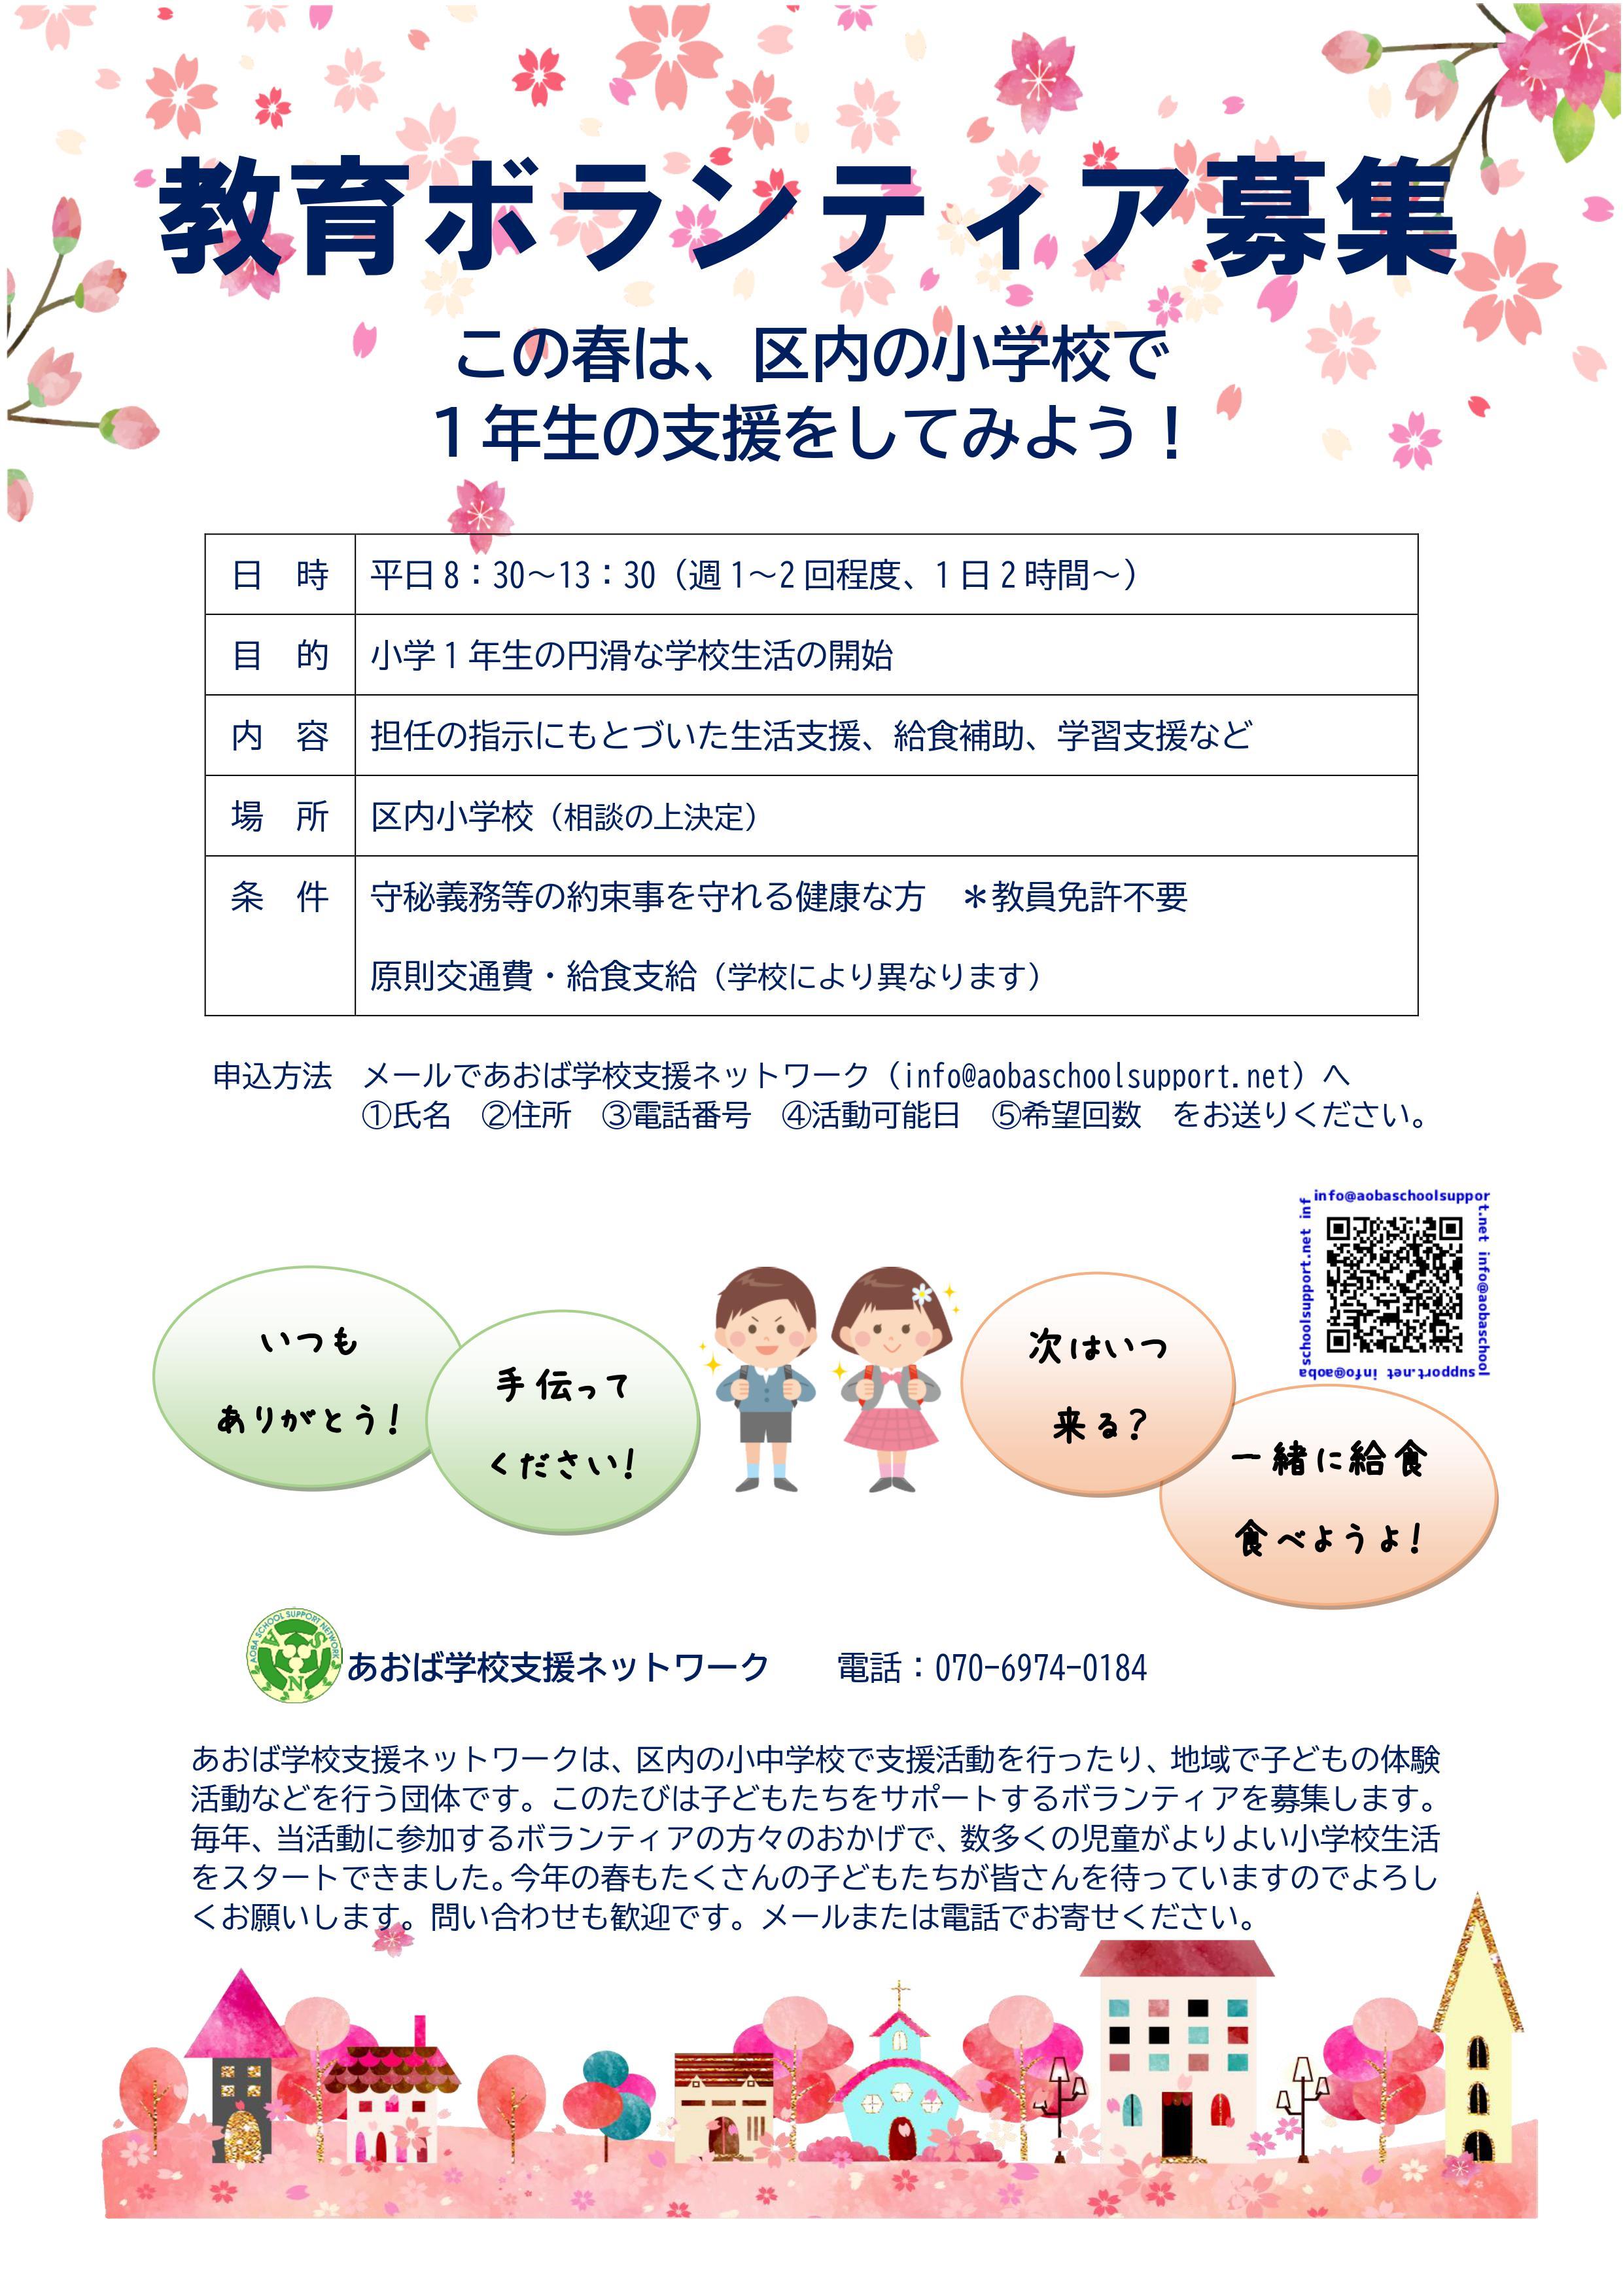 【募集】新入生支援活動ボランティア